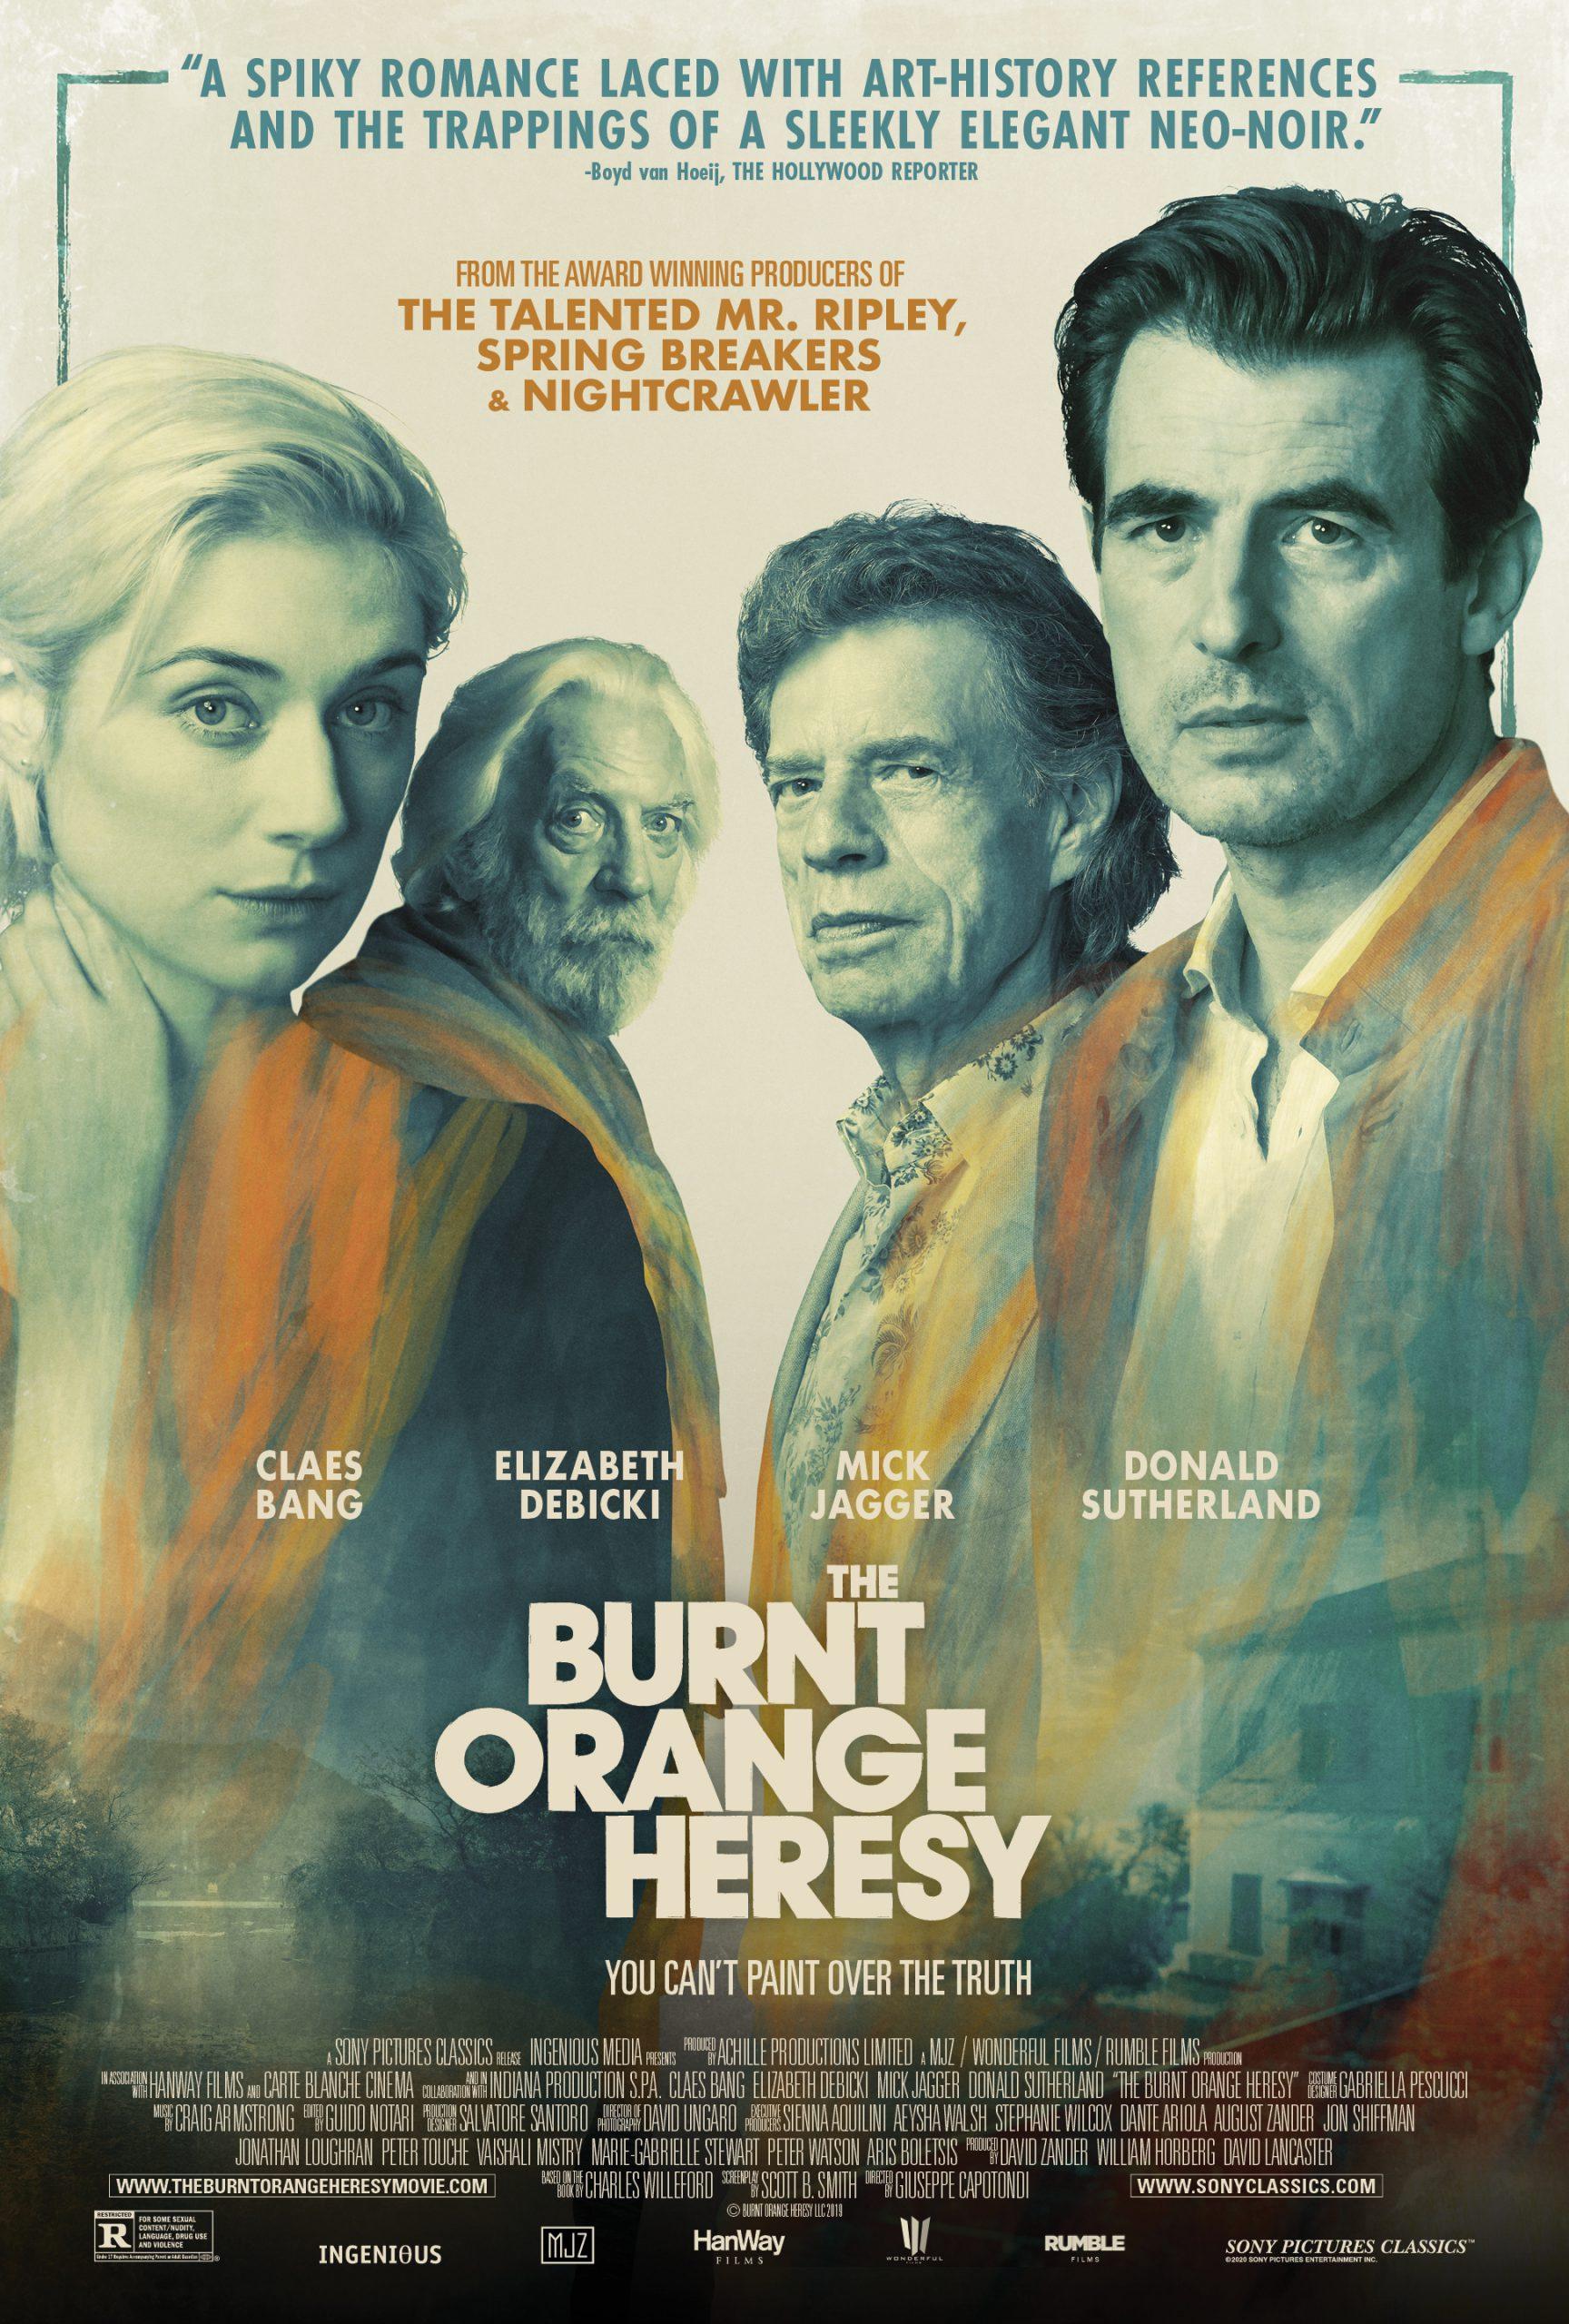 دانلود فیلم The Burnt Orange Heresy نارنجی سوخته 2019 با زیرنویس چسبیده فارسی